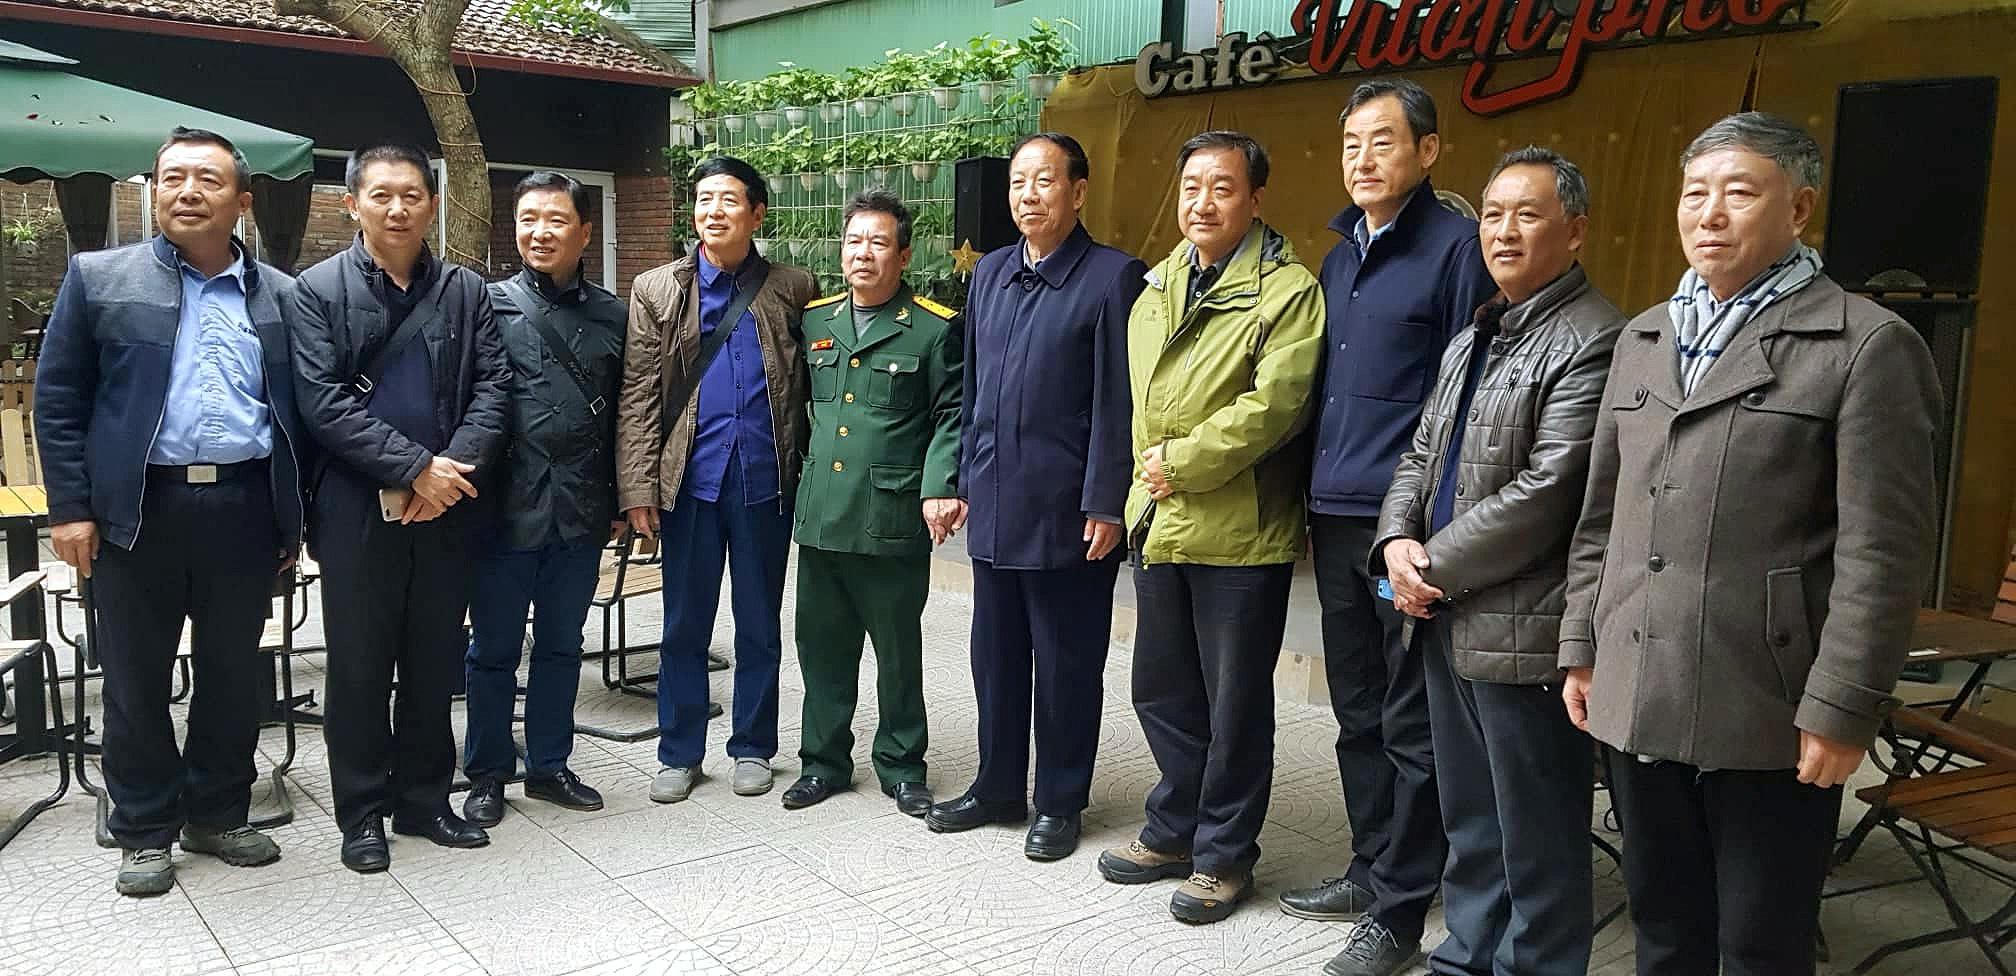 Cựu binh Trung Quốc bất ngờ vì ta chỉ có 2 tiểu đoàn giữ đèo Khau Chỉa